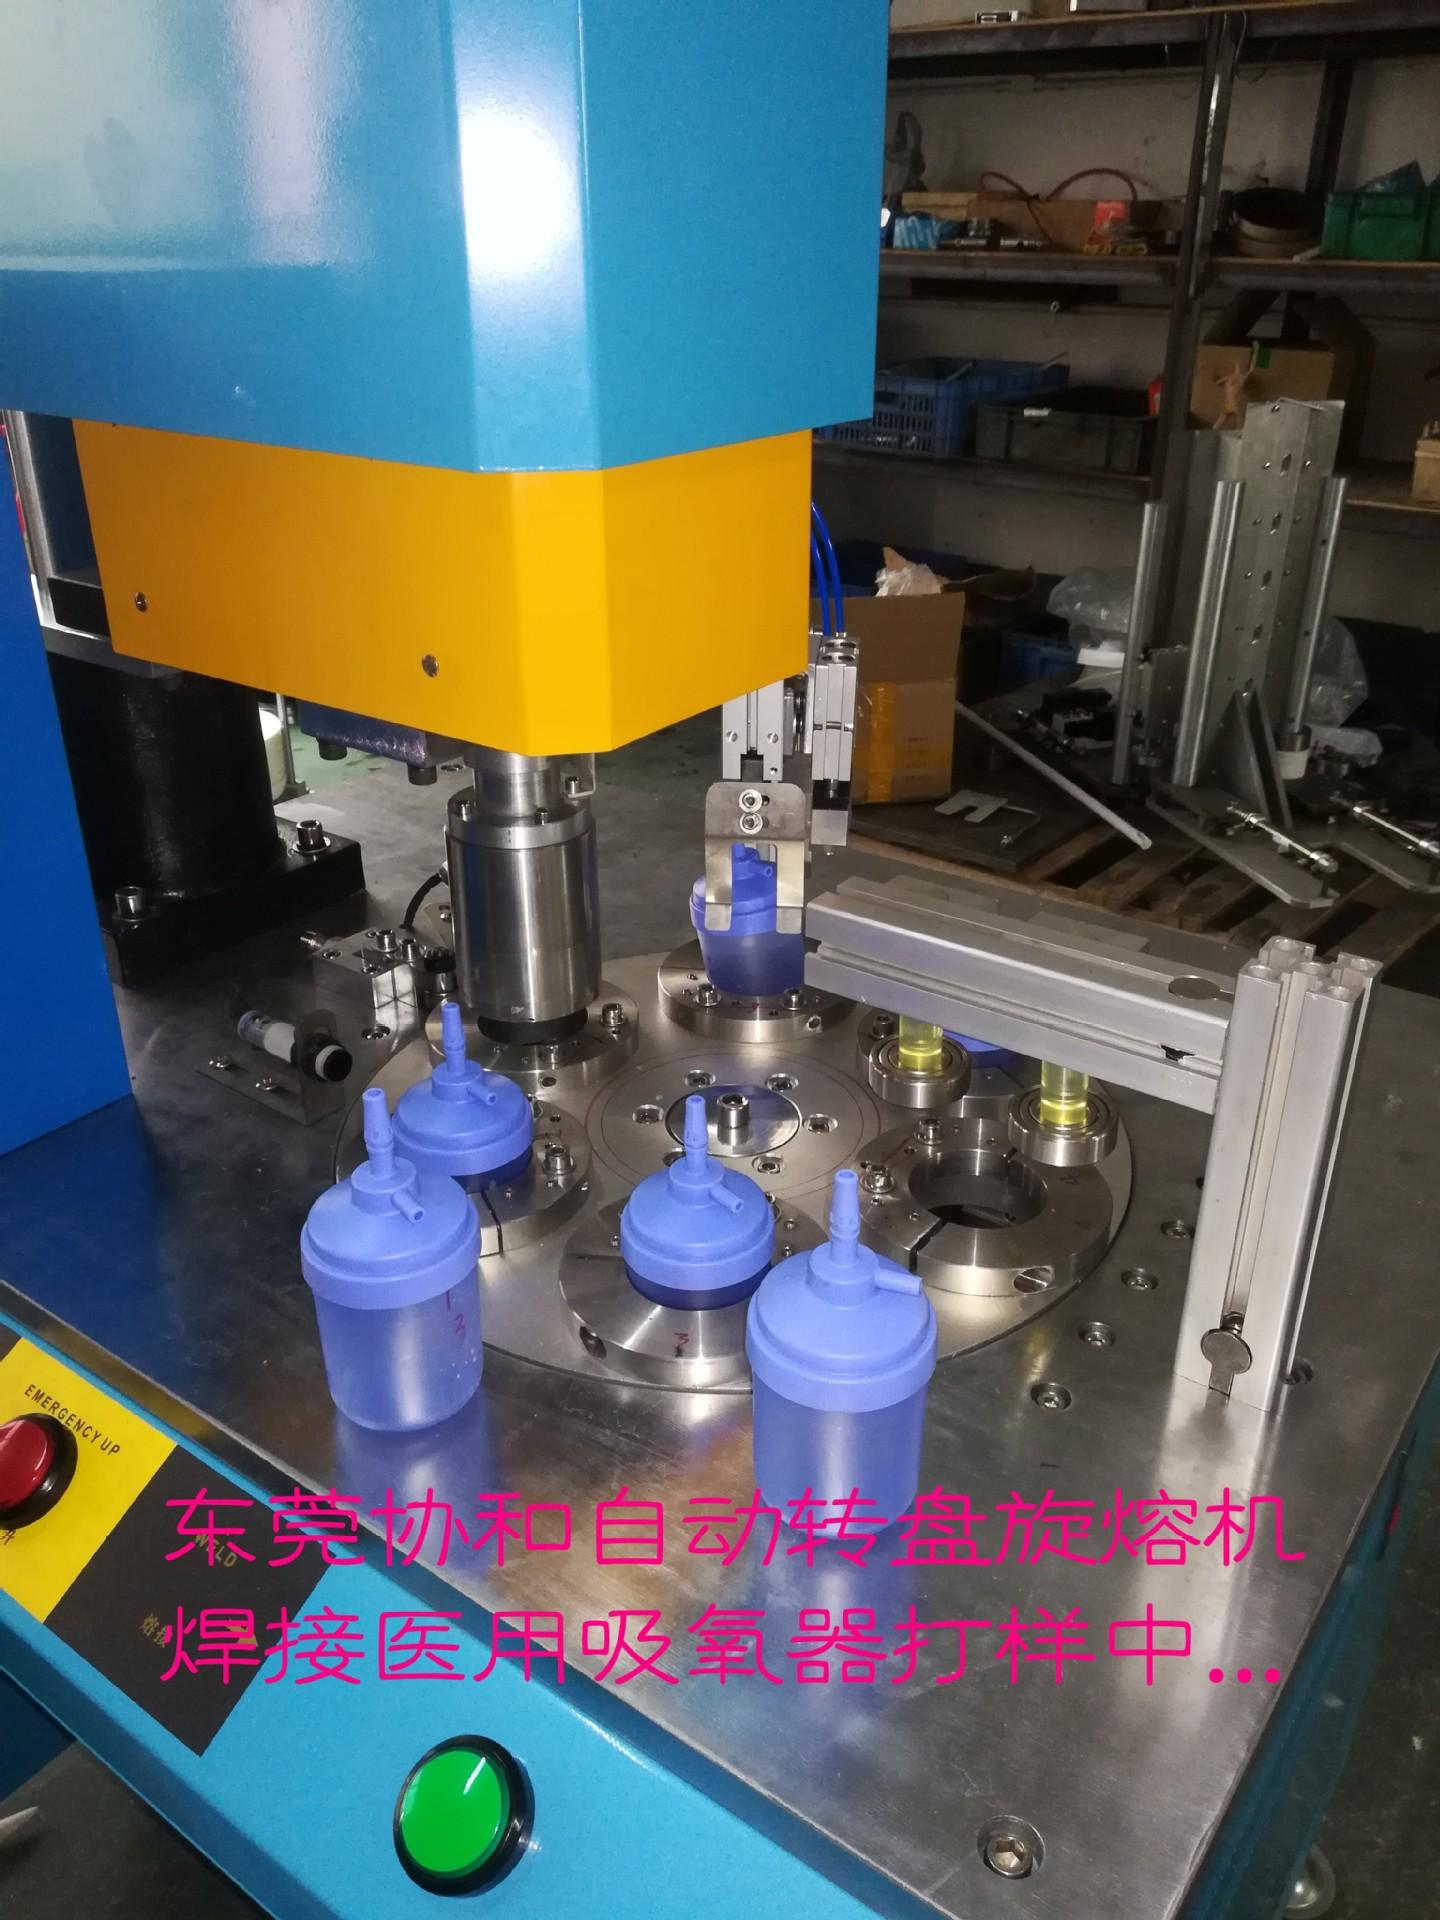 定位旋熔机协和生产厂家地址在哪里 高端定位PLC触摸屏式旋熔机示例图5